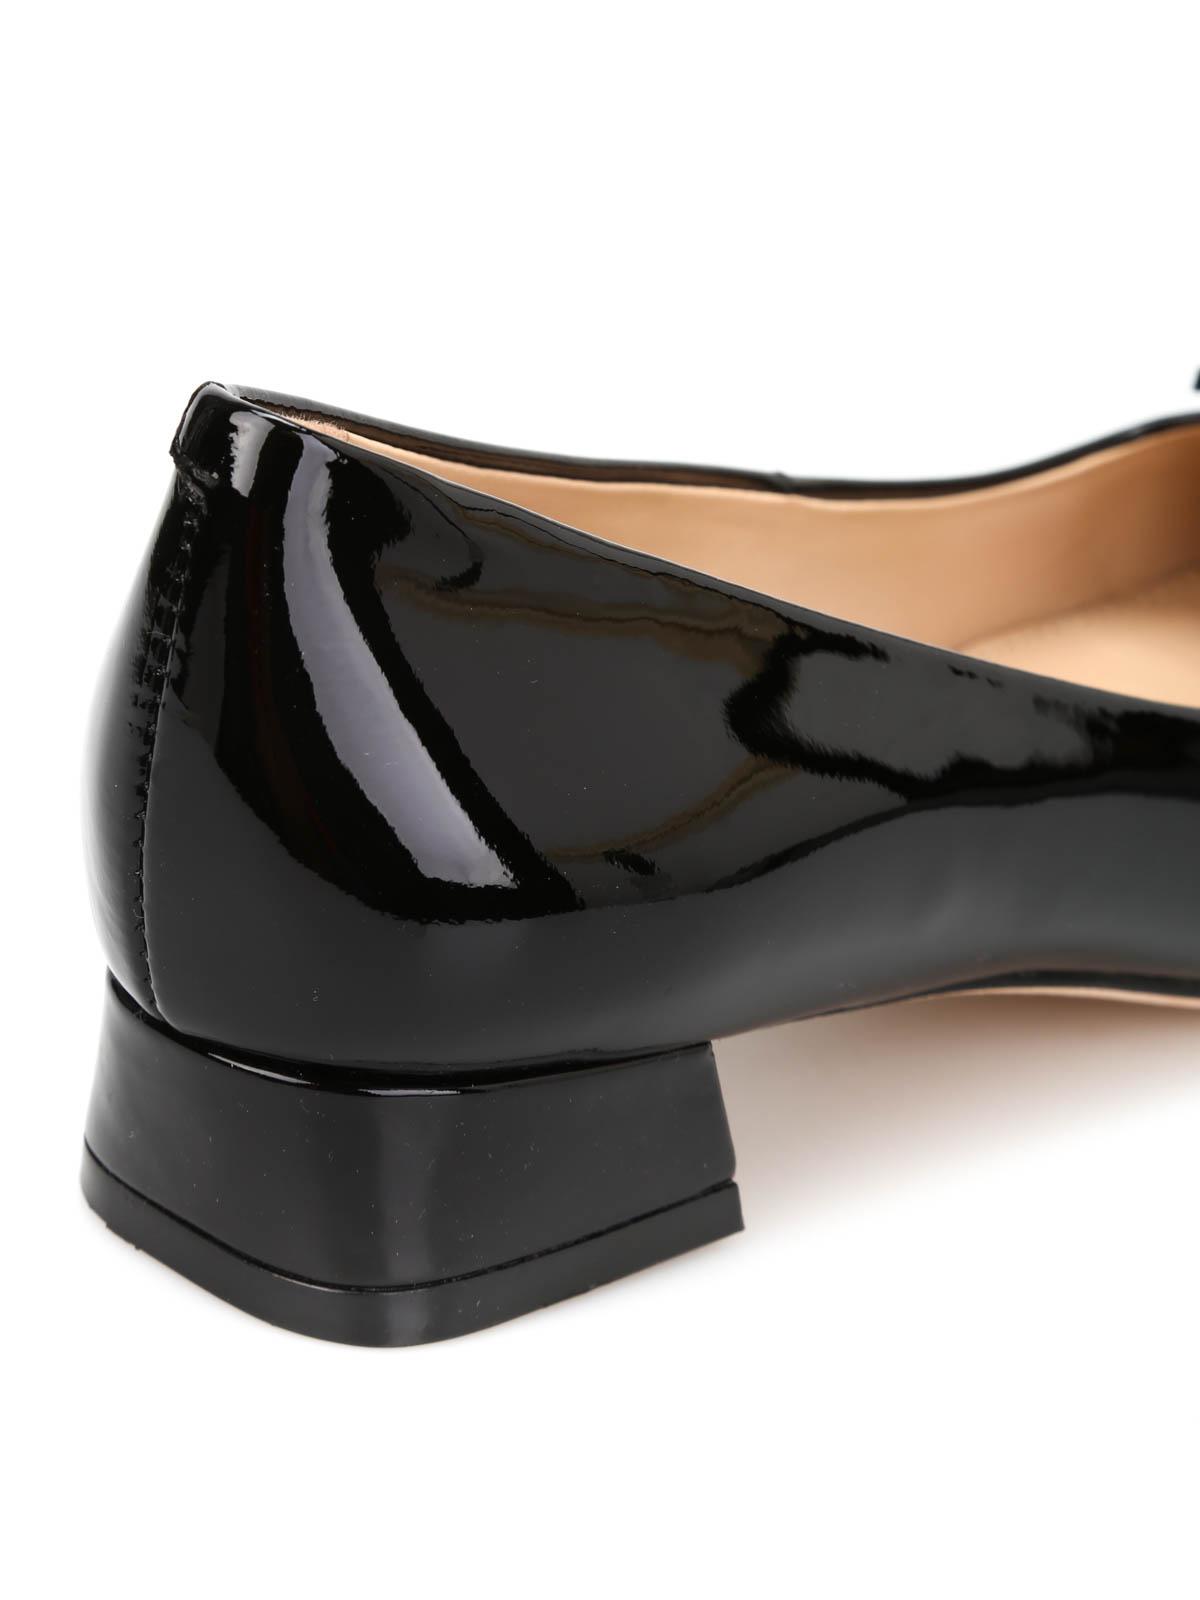 Tory Burch Gigi Pumps Court Shoes 31435001 Shop